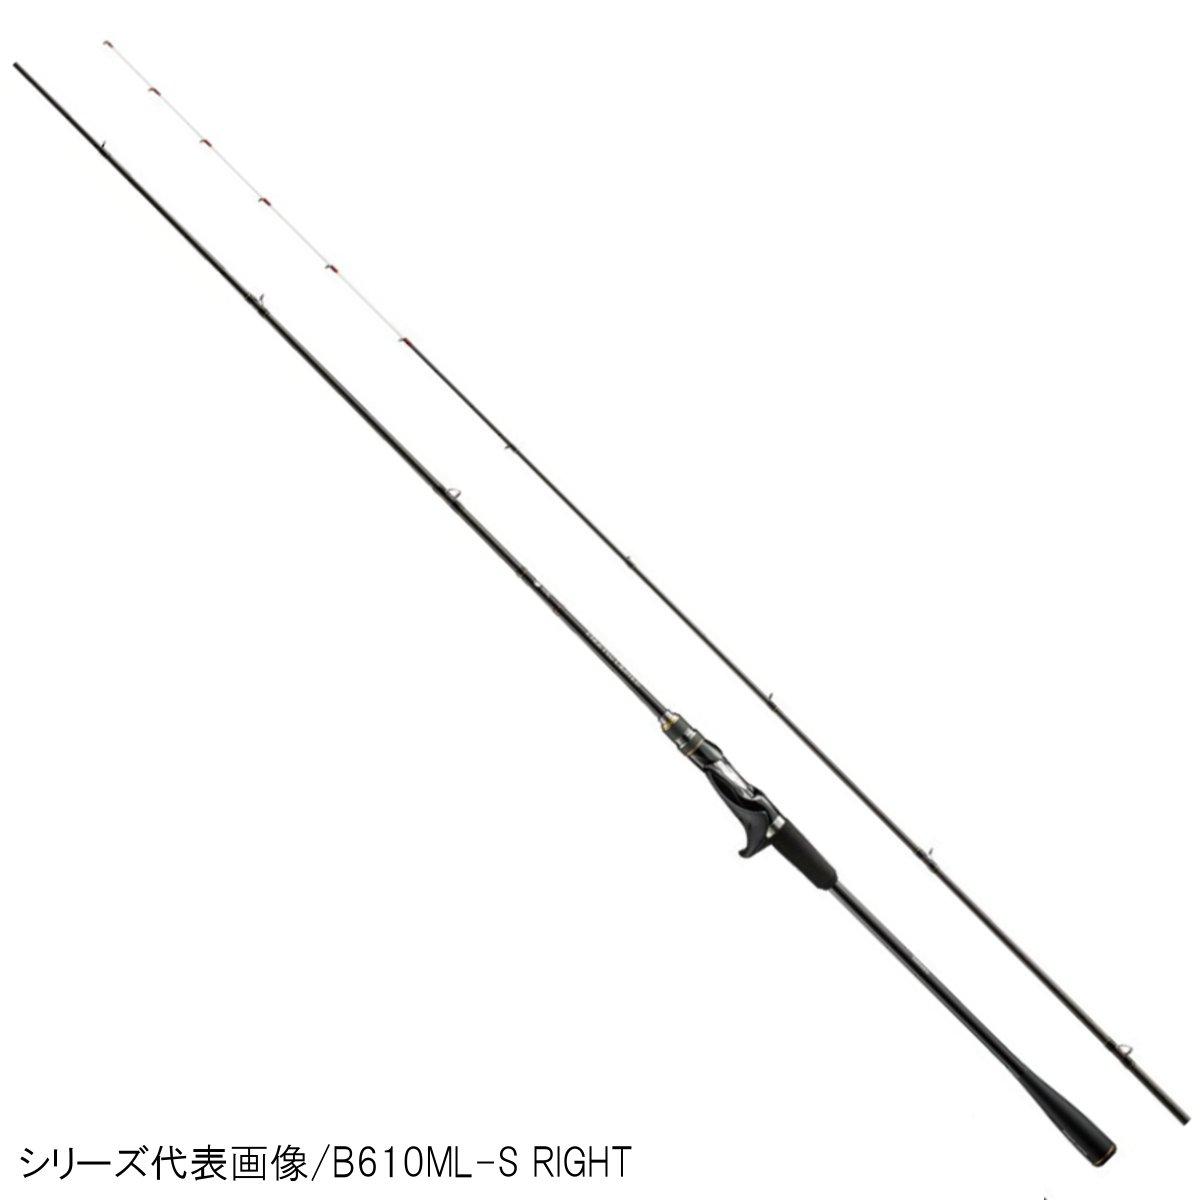 シマノ 炎月 リミテッド B610ML-S LEFT【大型商品】【送料無料】